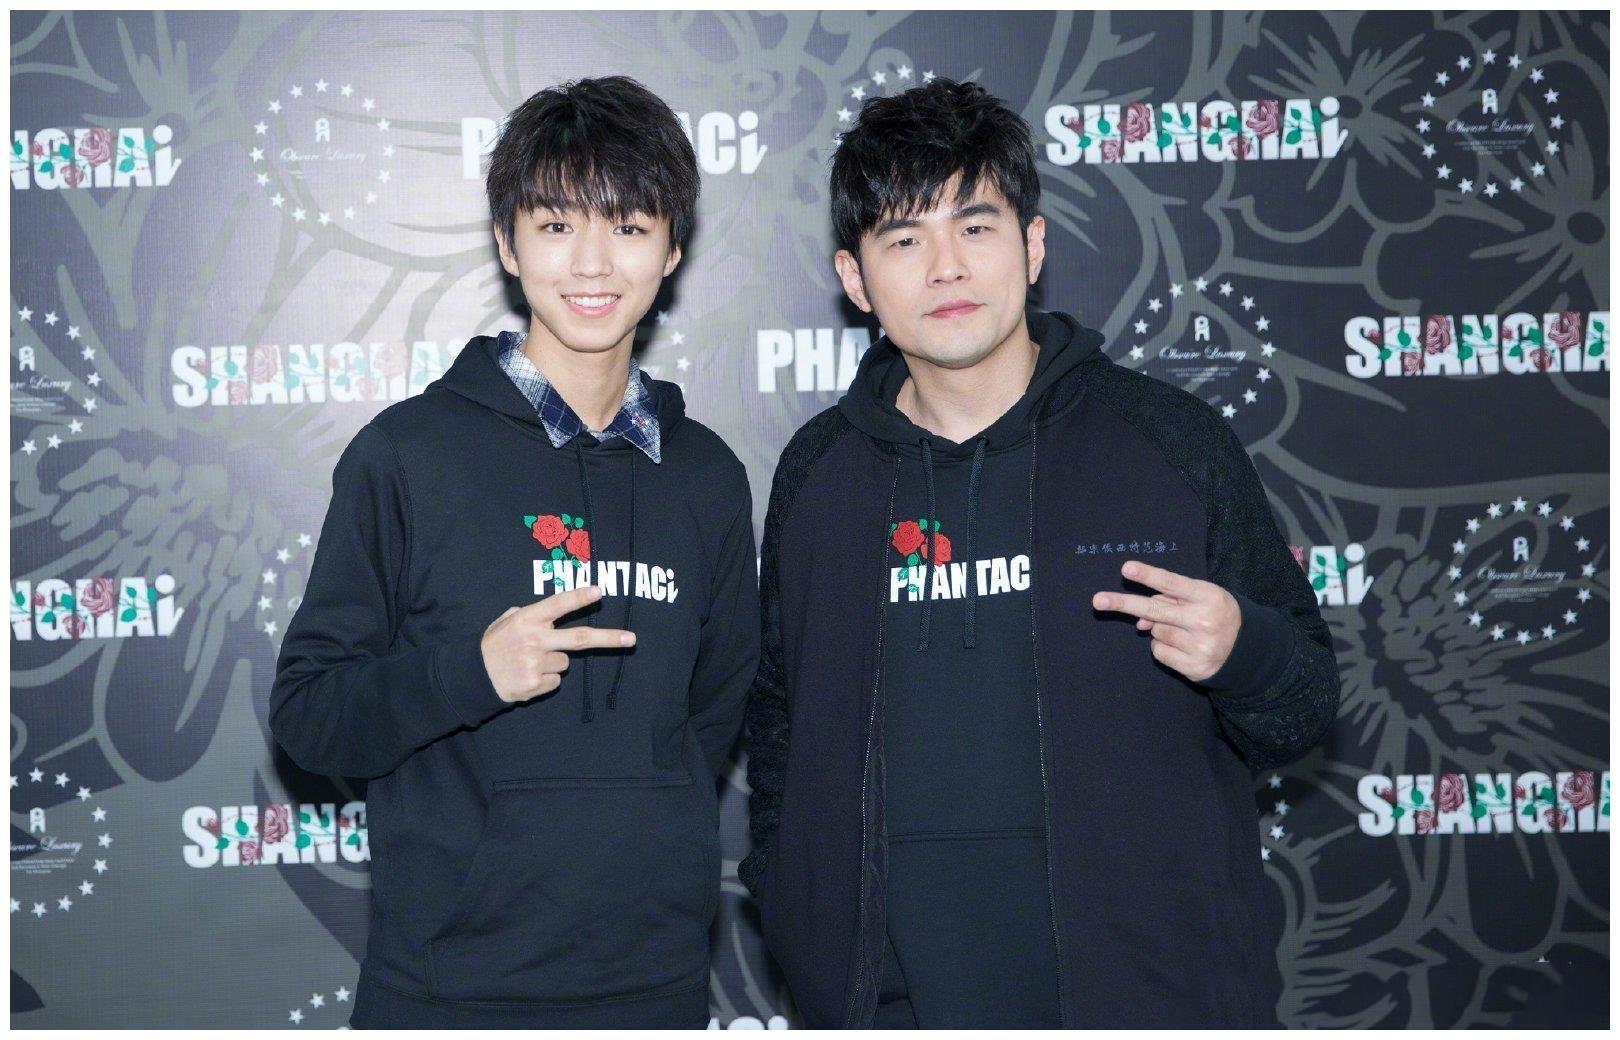 周董送王俊凯AE86/王俊凯真追星赢家。